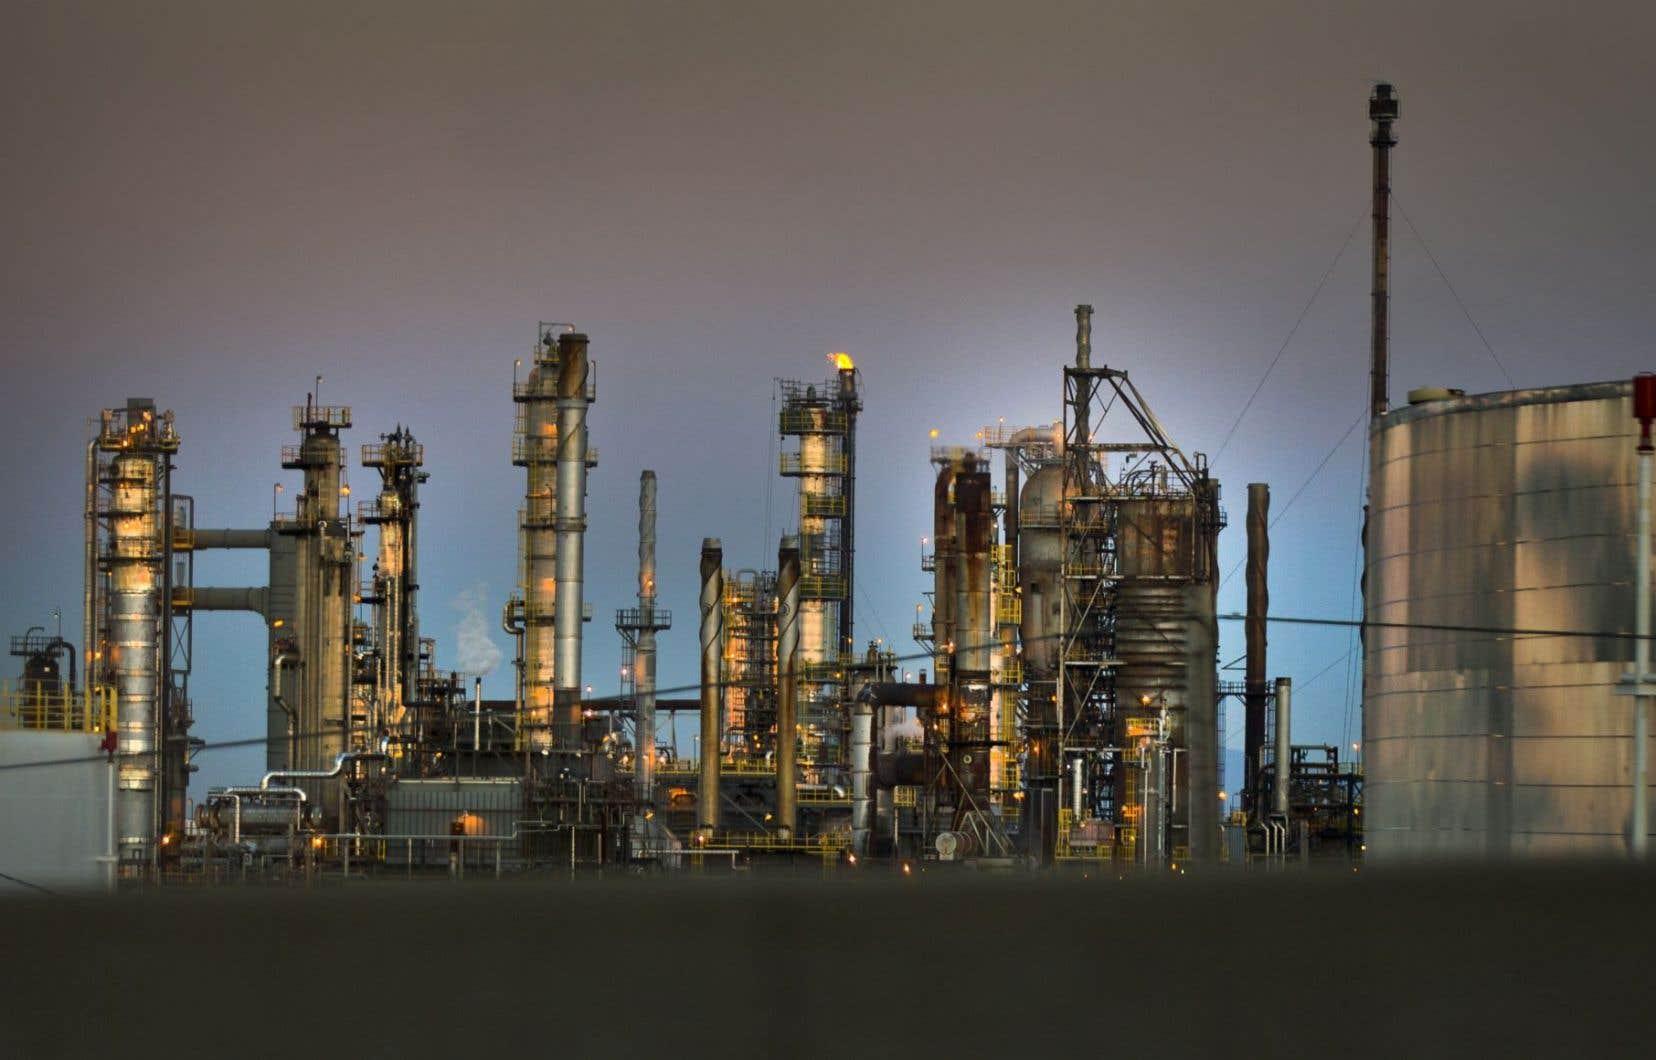 Le secteur pétrolier devrait produire quotidiennement 4,9 millions de barils de brut en 2030, selon les prévisions de IHS Energy.